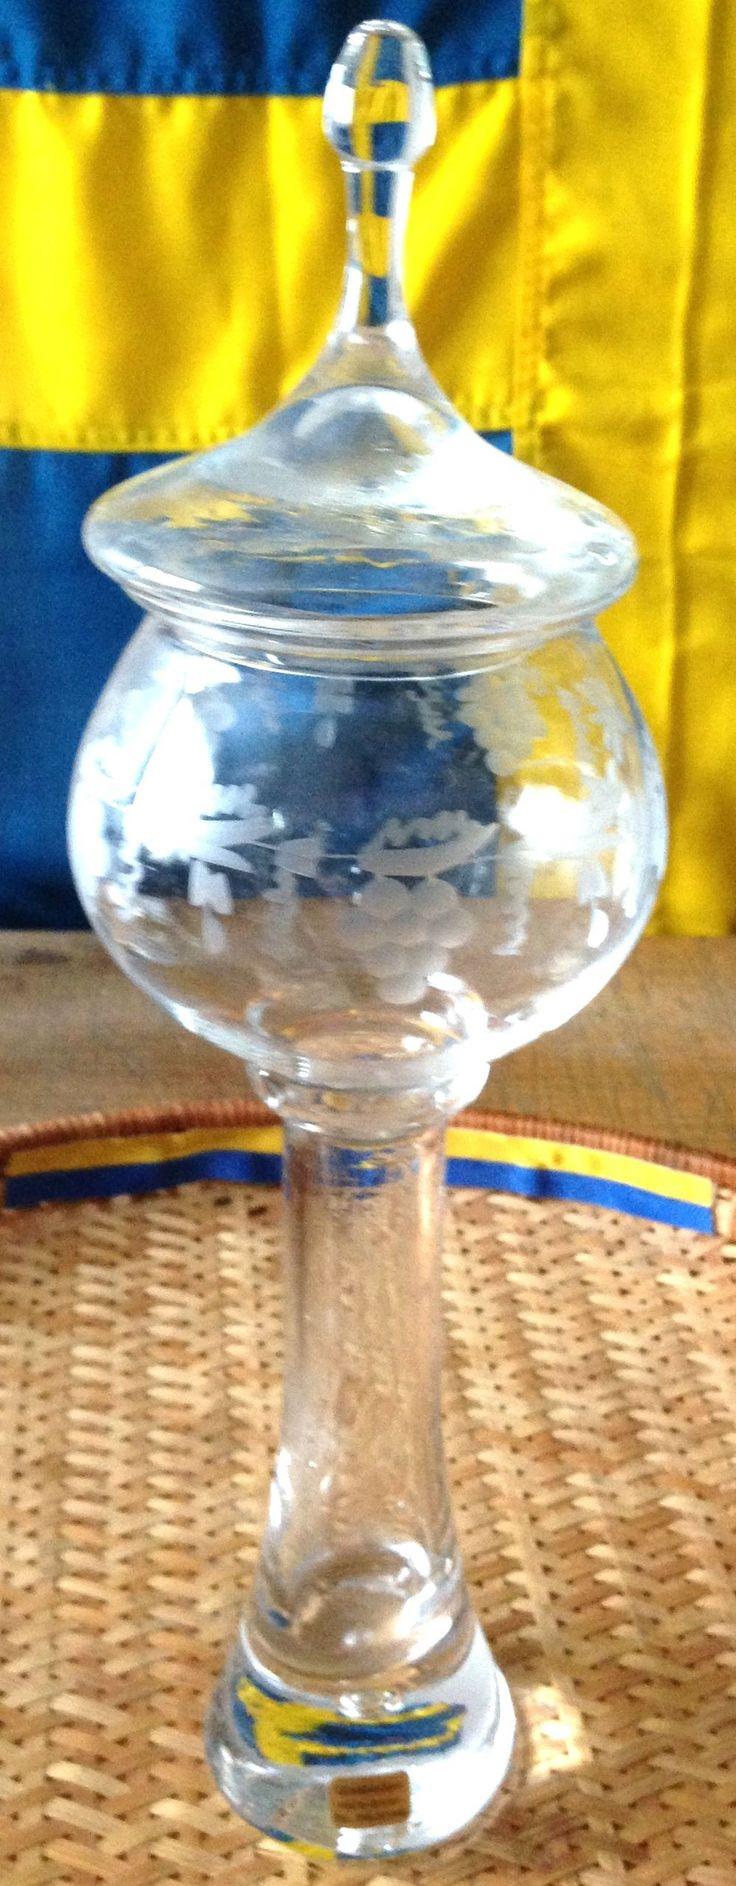 sea of sweden handmade glass vase of 166 best sveretro nu images on pinterest sweden home vintage and inside sweden exquisite large glass crystal vase with lid engraving